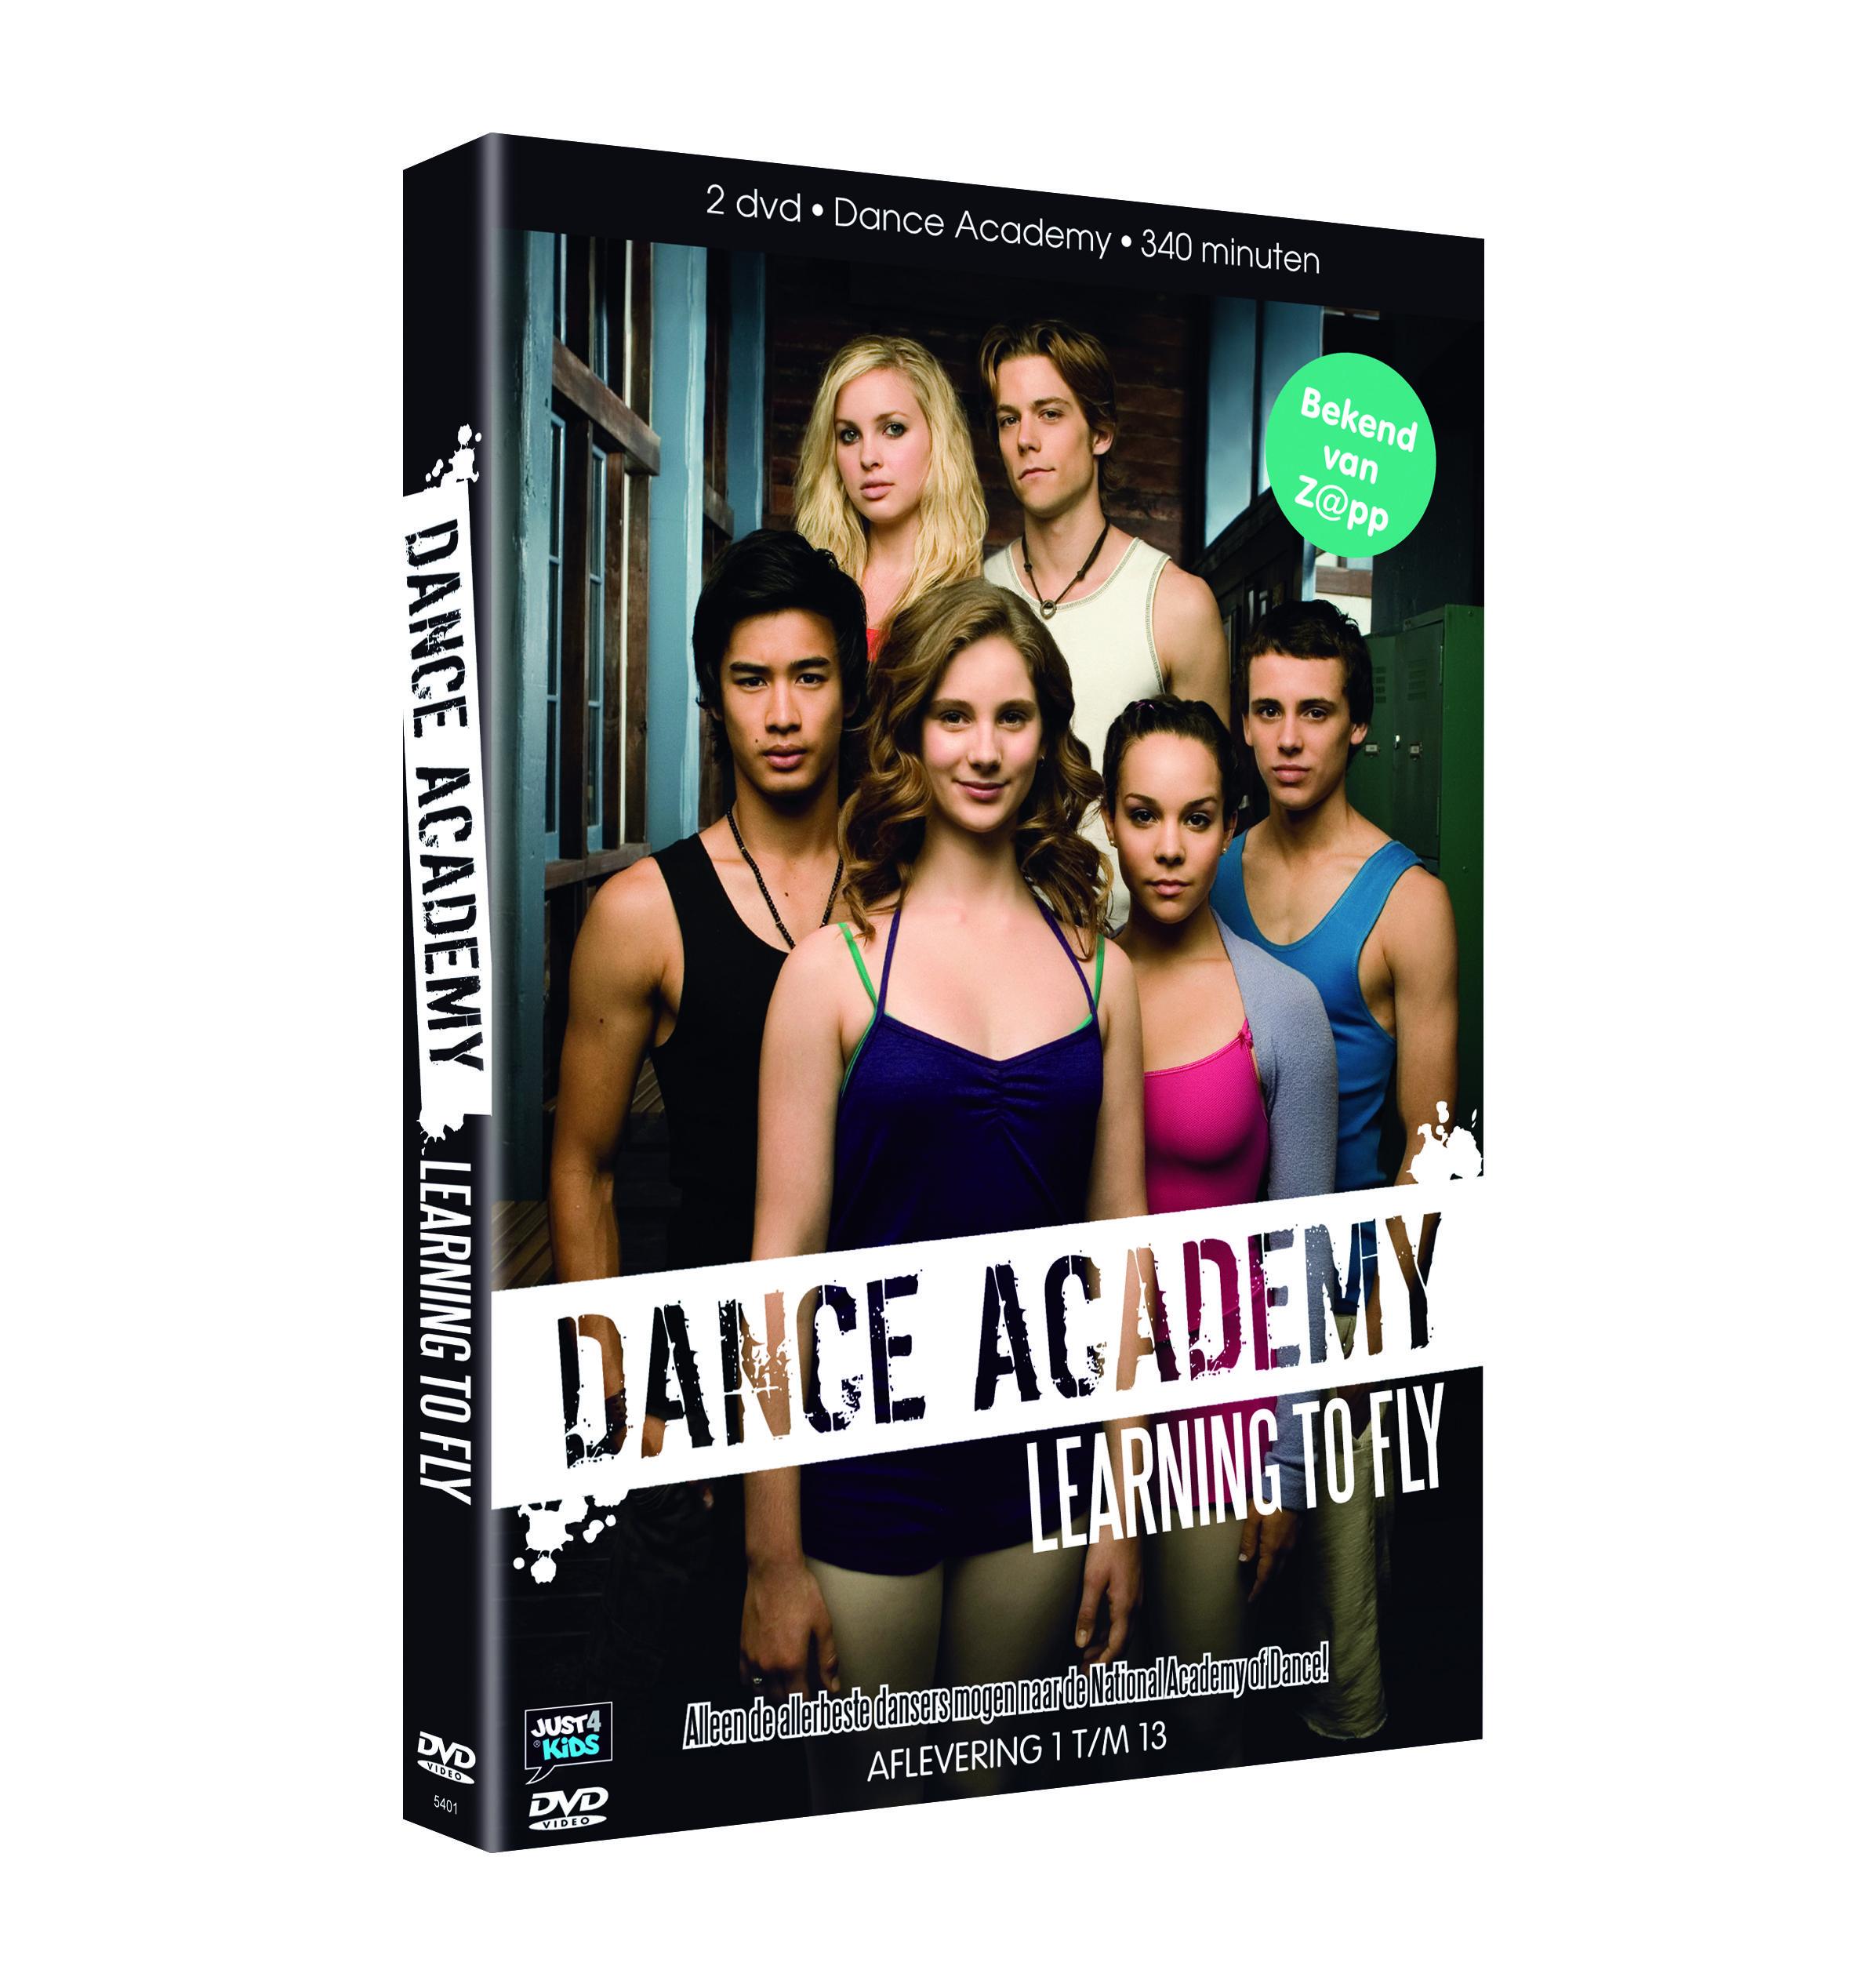 Dance Academy Http Winkel Just4kids Nl Voor Kinderen Kinderen Nostalgie